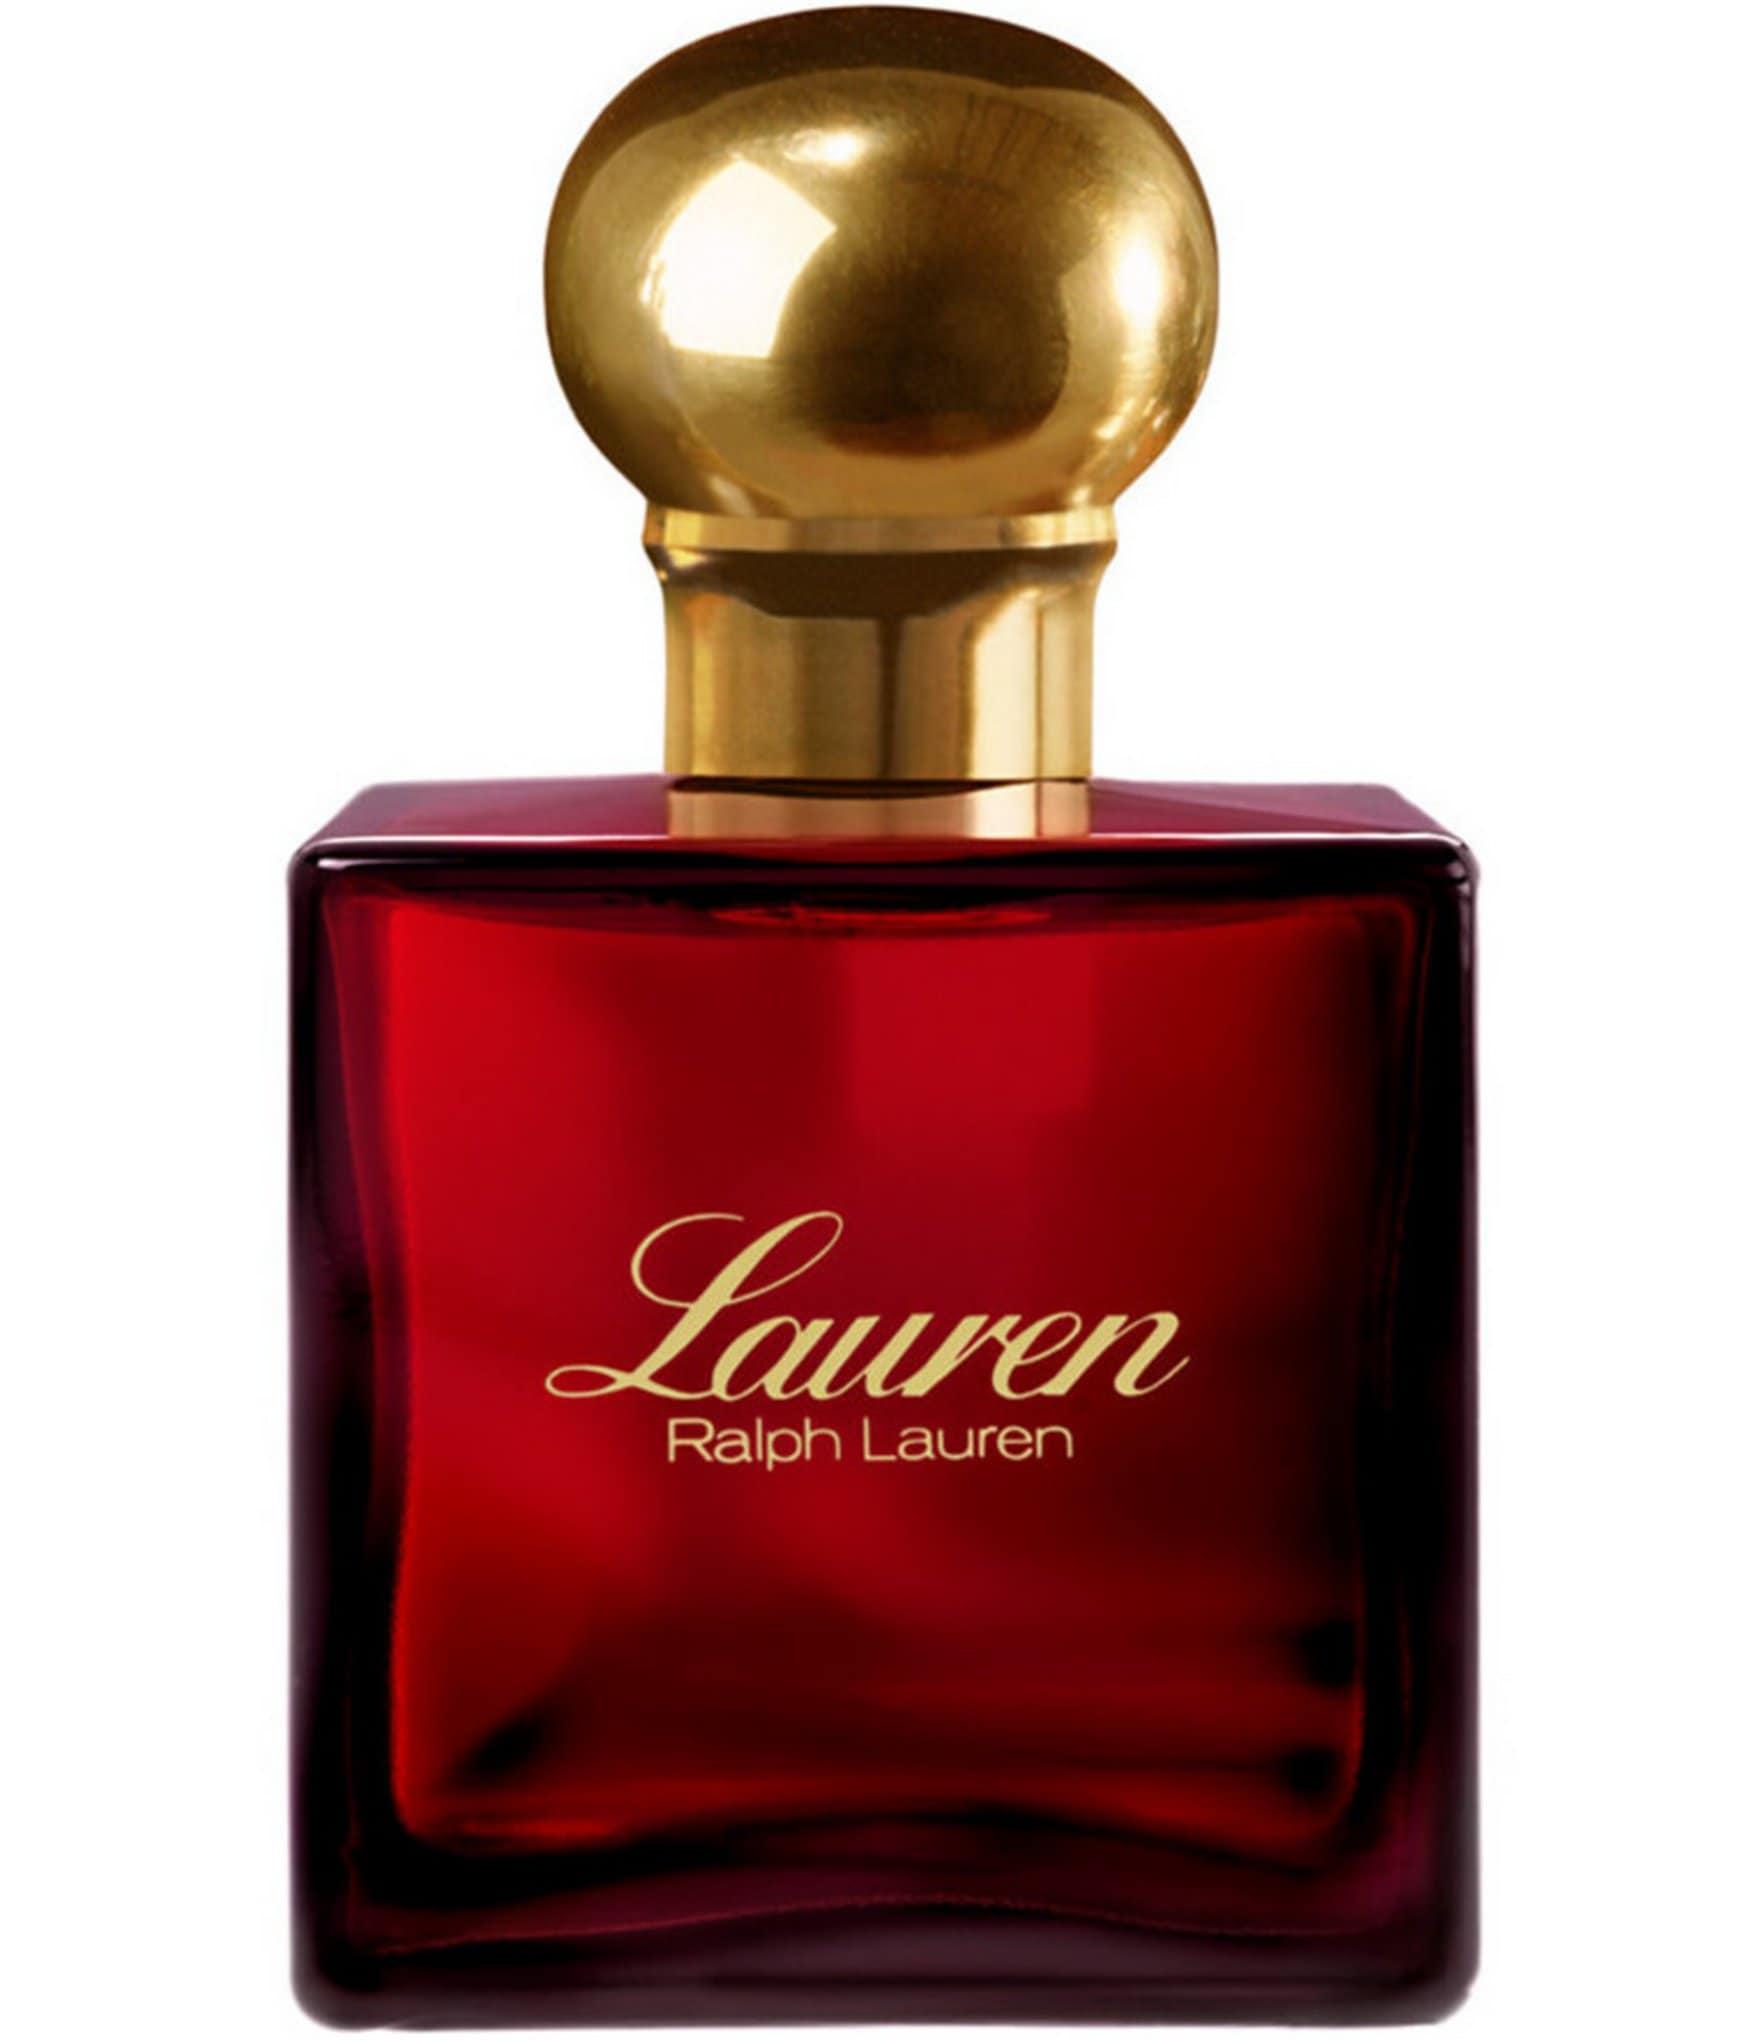 Circle Track Supply >> Ralph Lauren Fragrances Lauren Eau de Toilette Spray ...